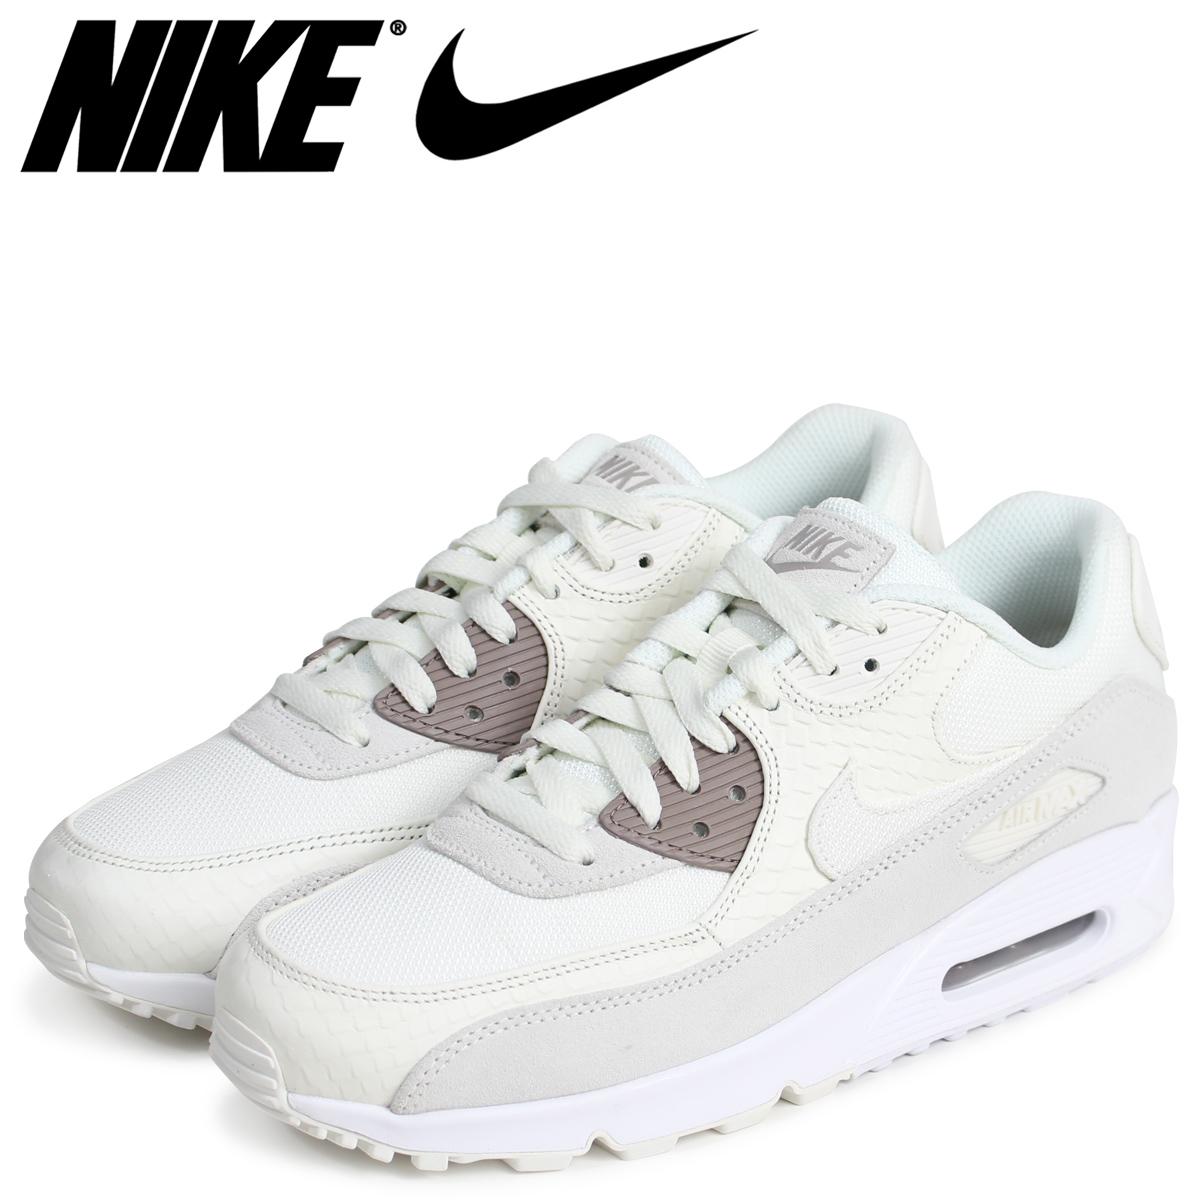 NIKE Kie Ney AMAX 90 sneakers men AIR MAX 90 PREMIUM 700,155 102 off white white